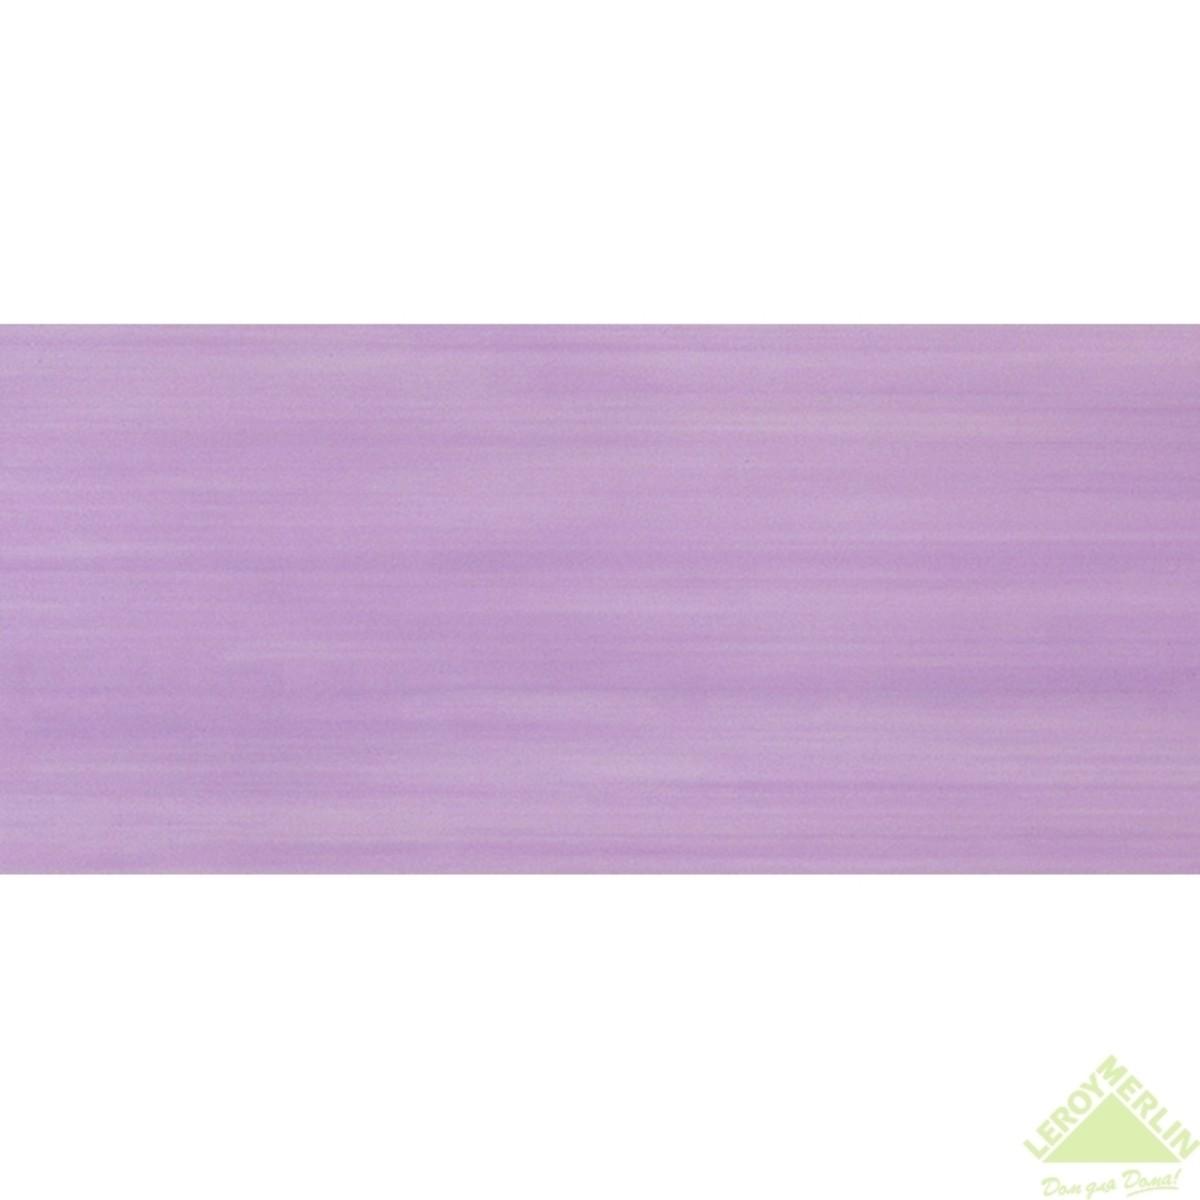 Плитка настенная Сатари цвет лиловый 20х50 см 1 м2